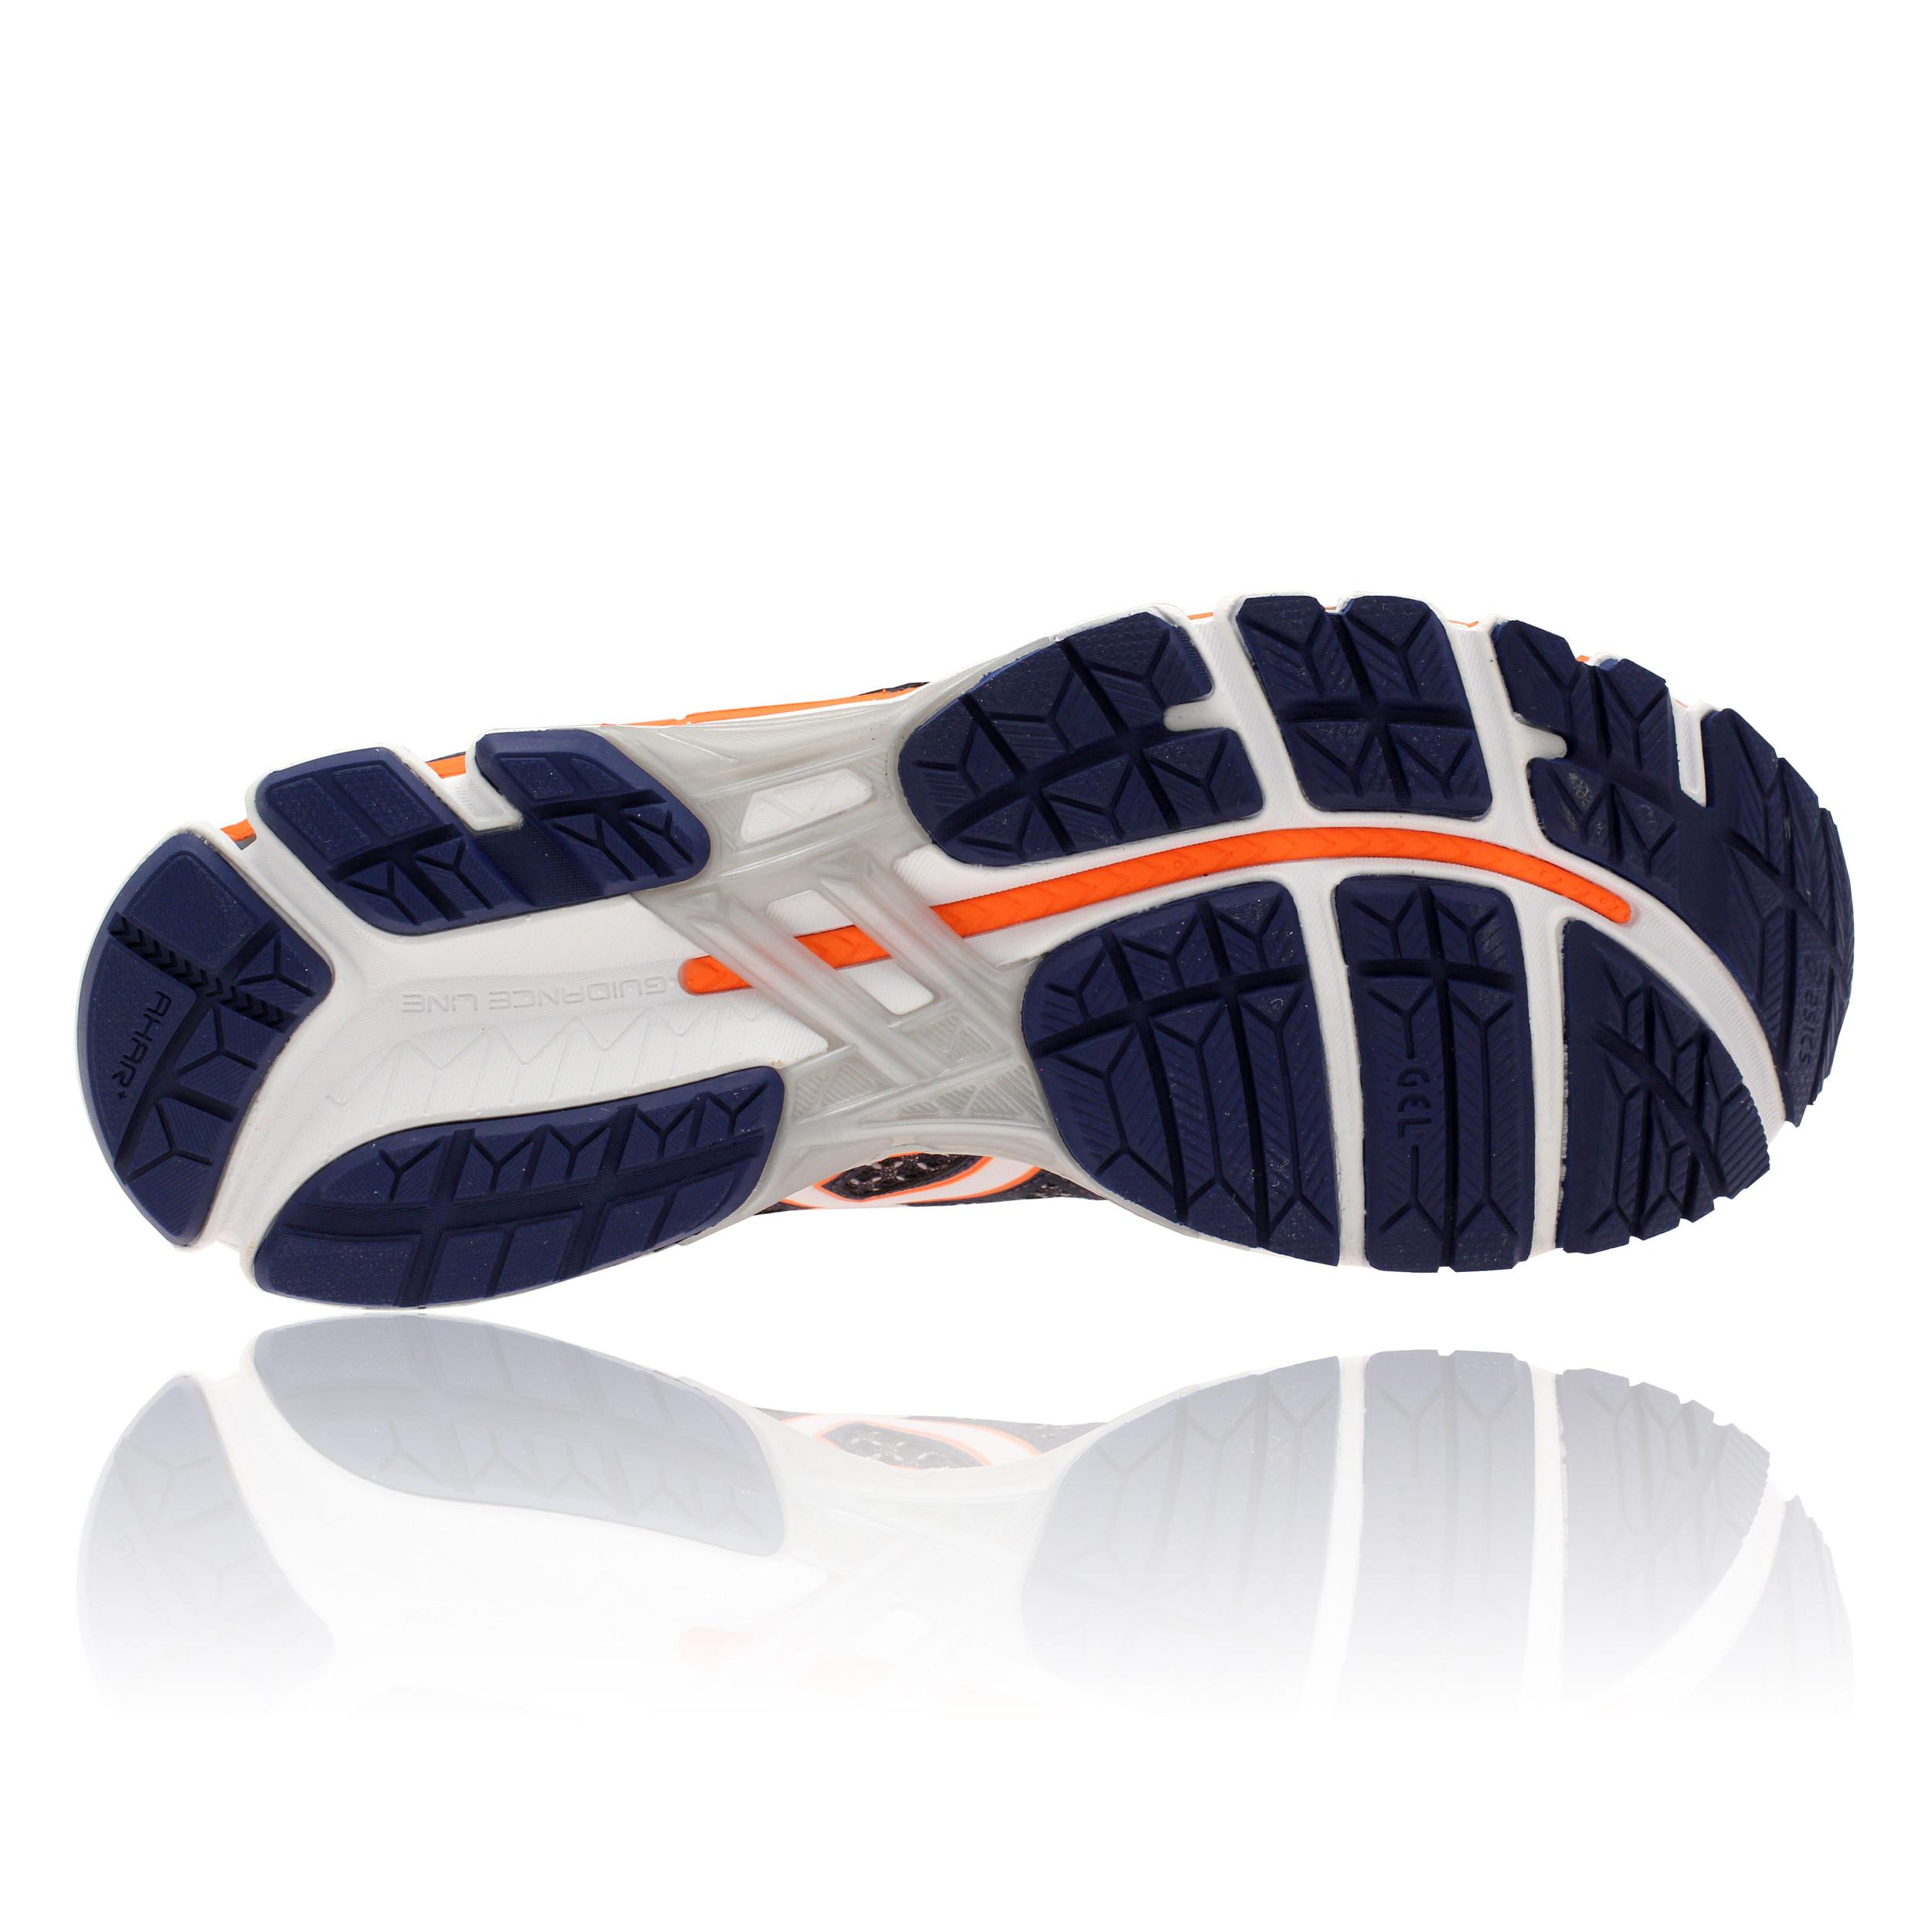 177f5b158a3f7 purchase detalles de asics gel kayano 20 lite show hombre azul naranja  running 4aff2 967f9